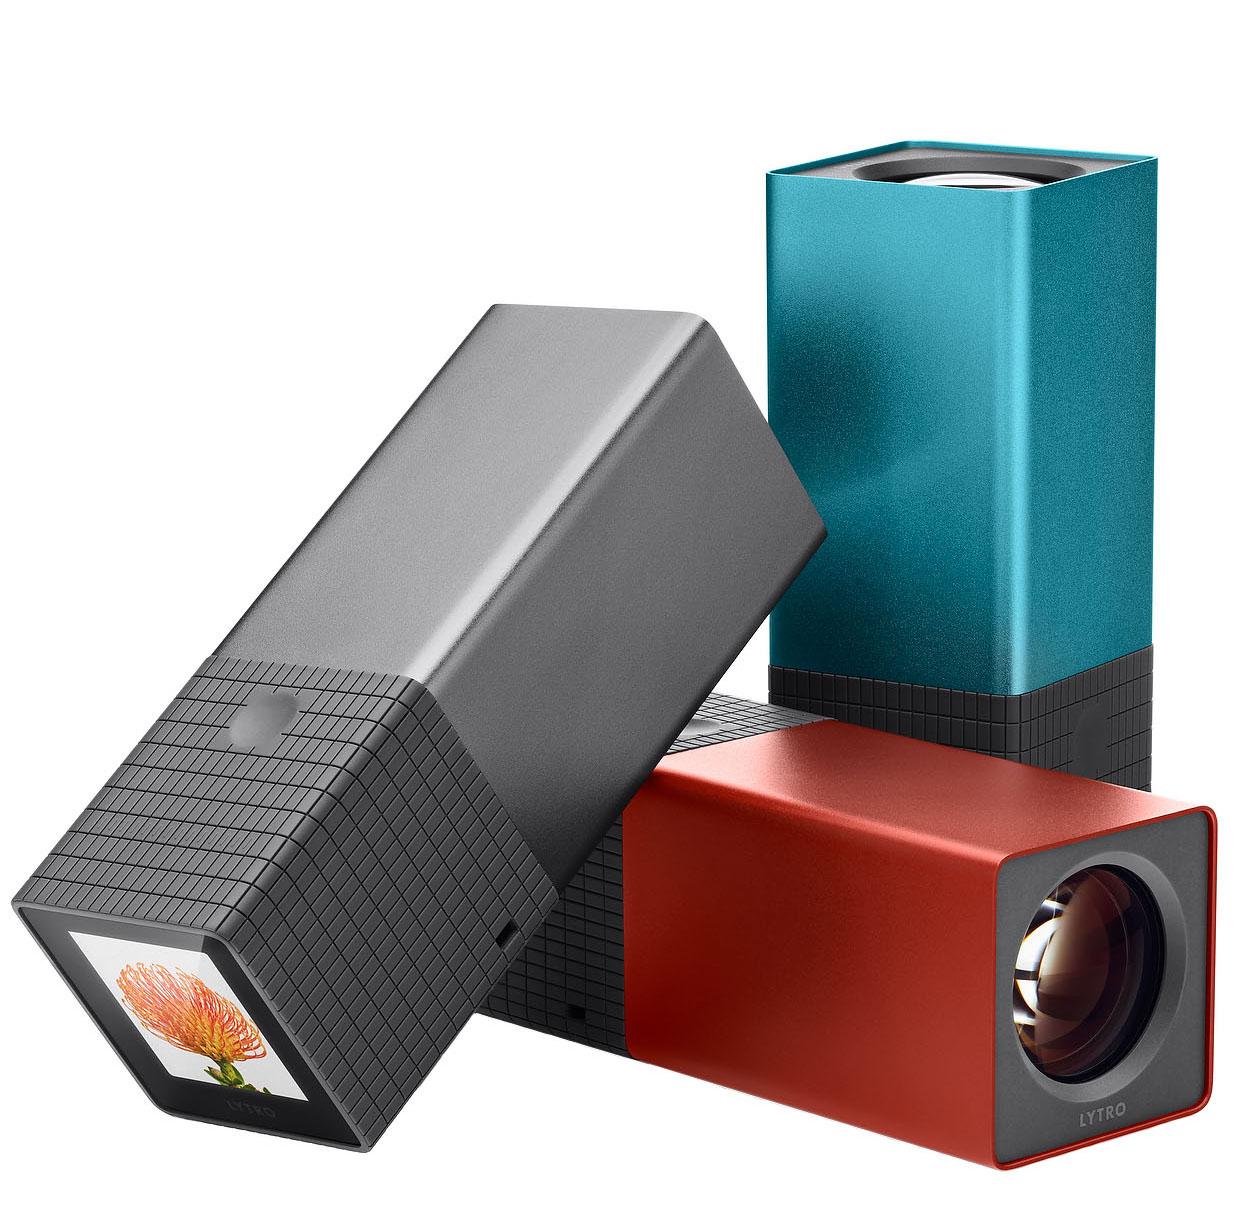 Lytro field cameras